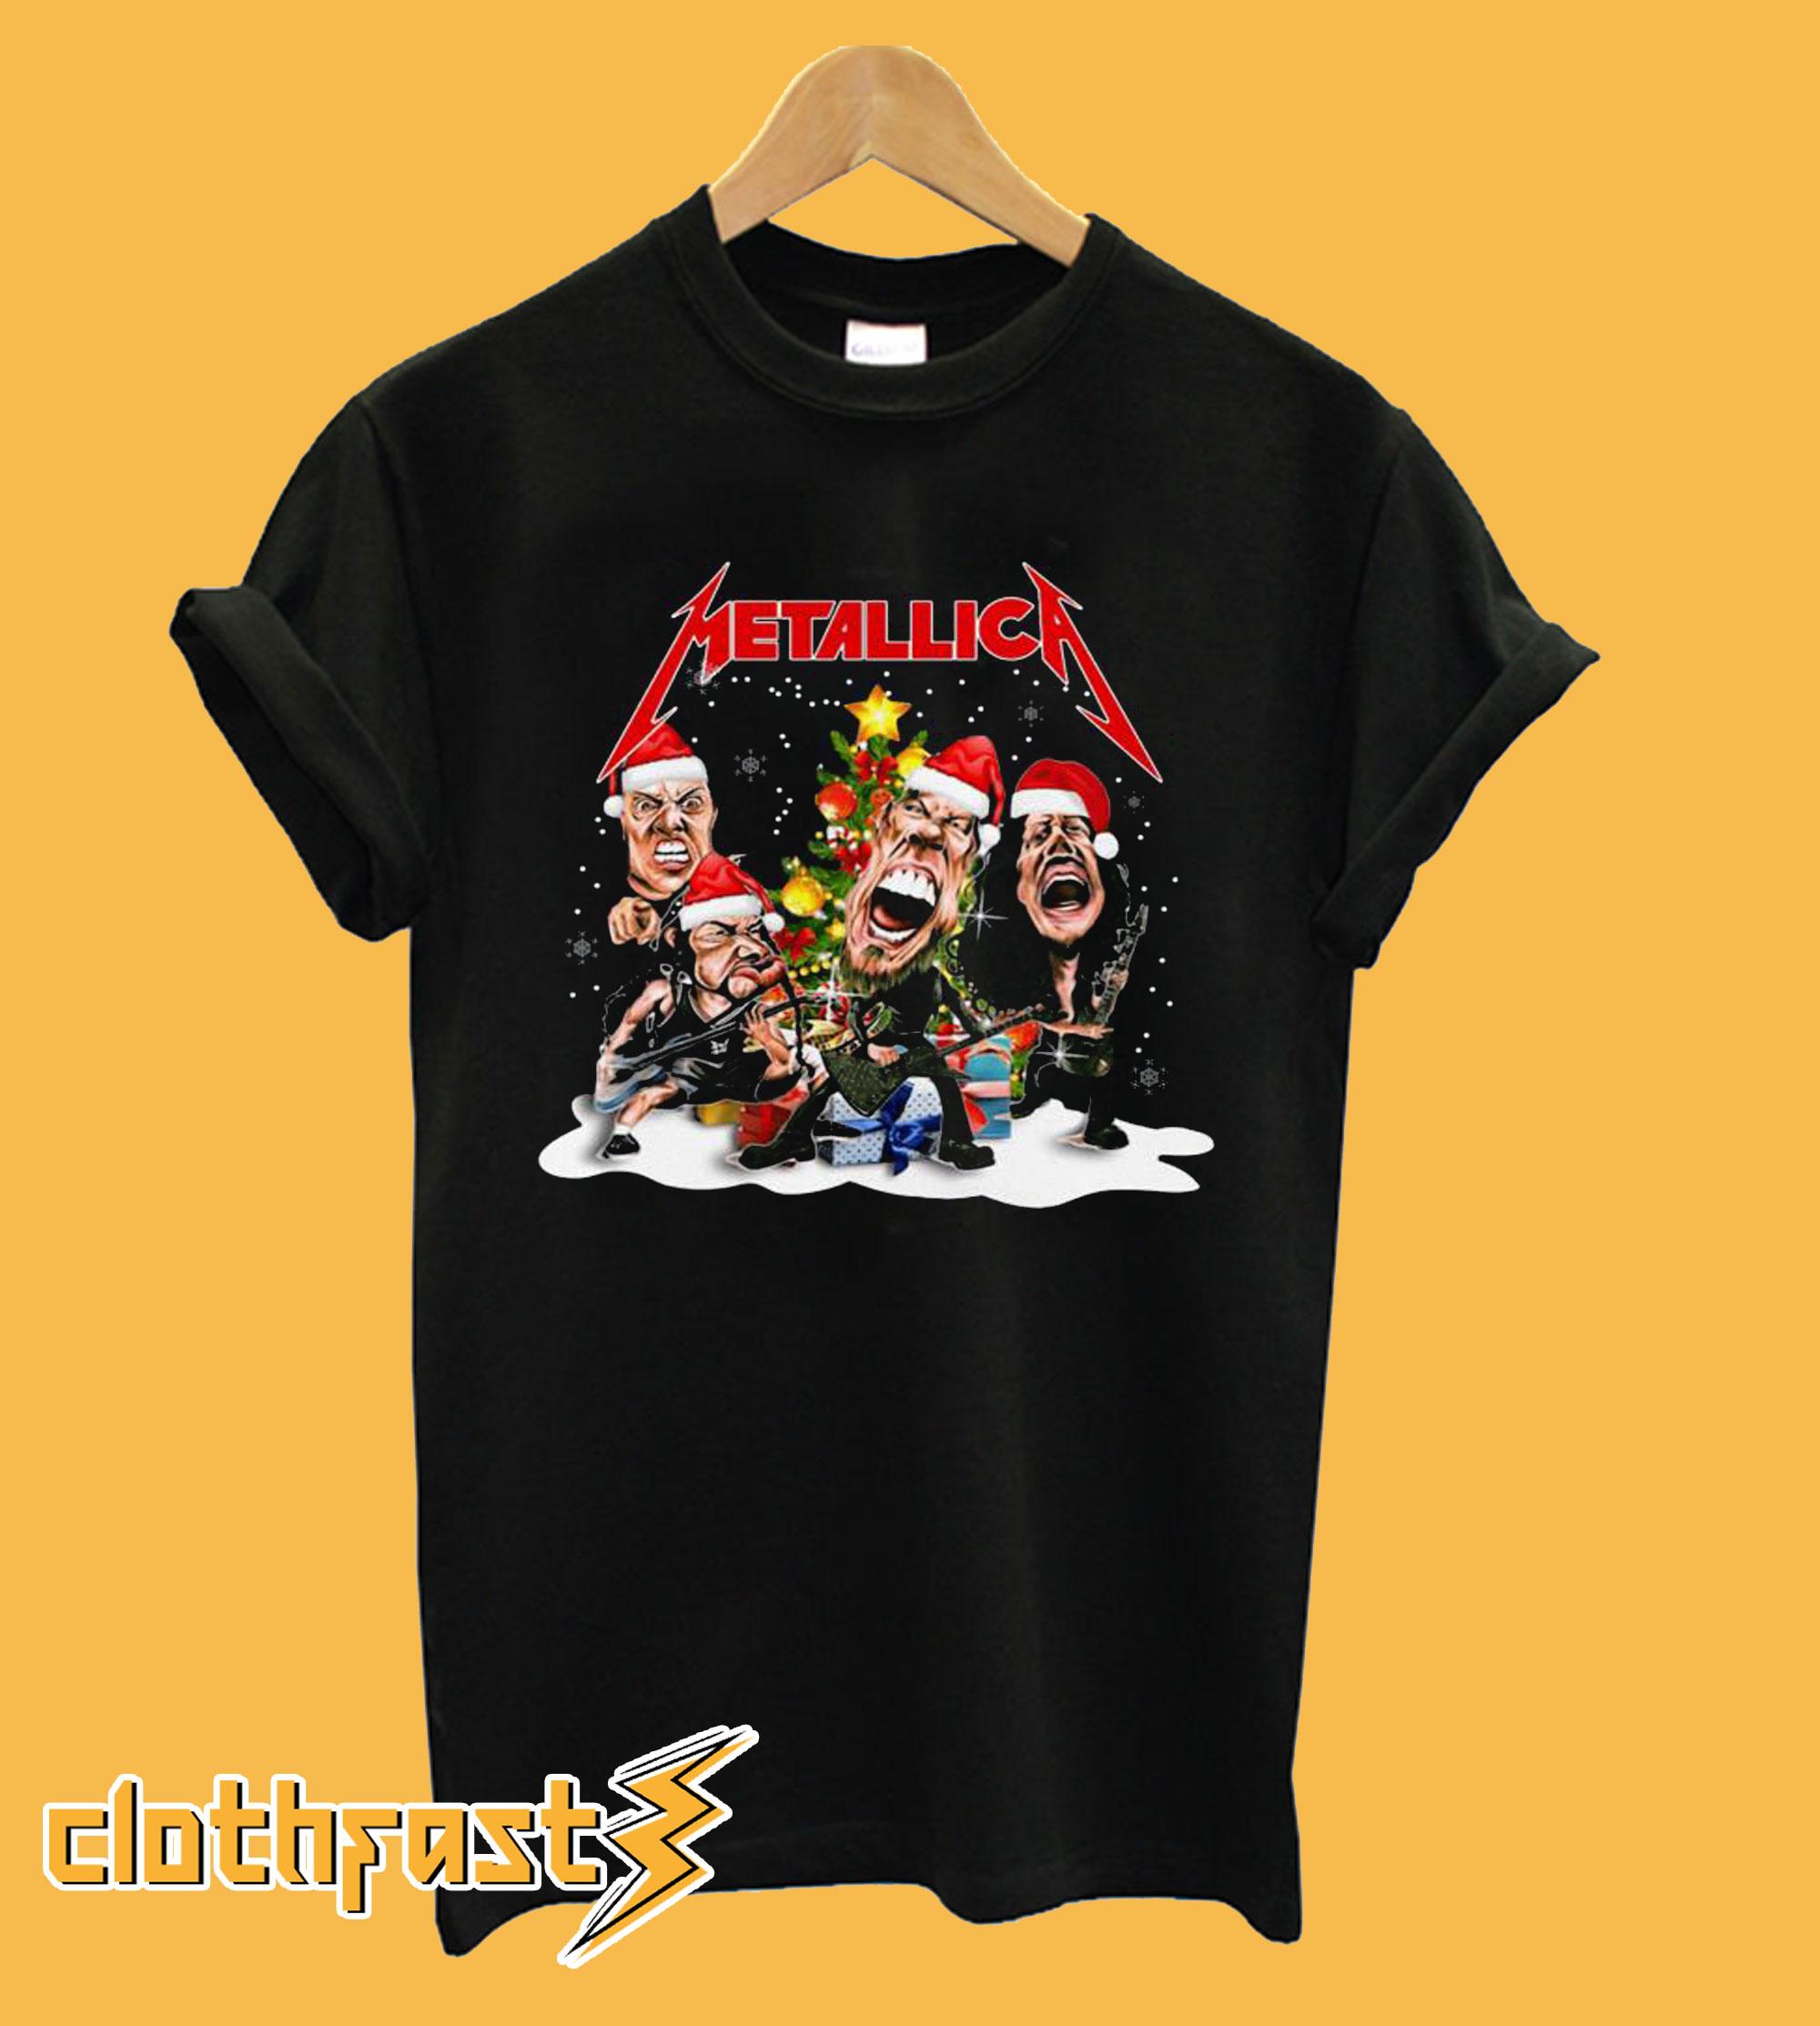 Metallica Christmas T-shirt